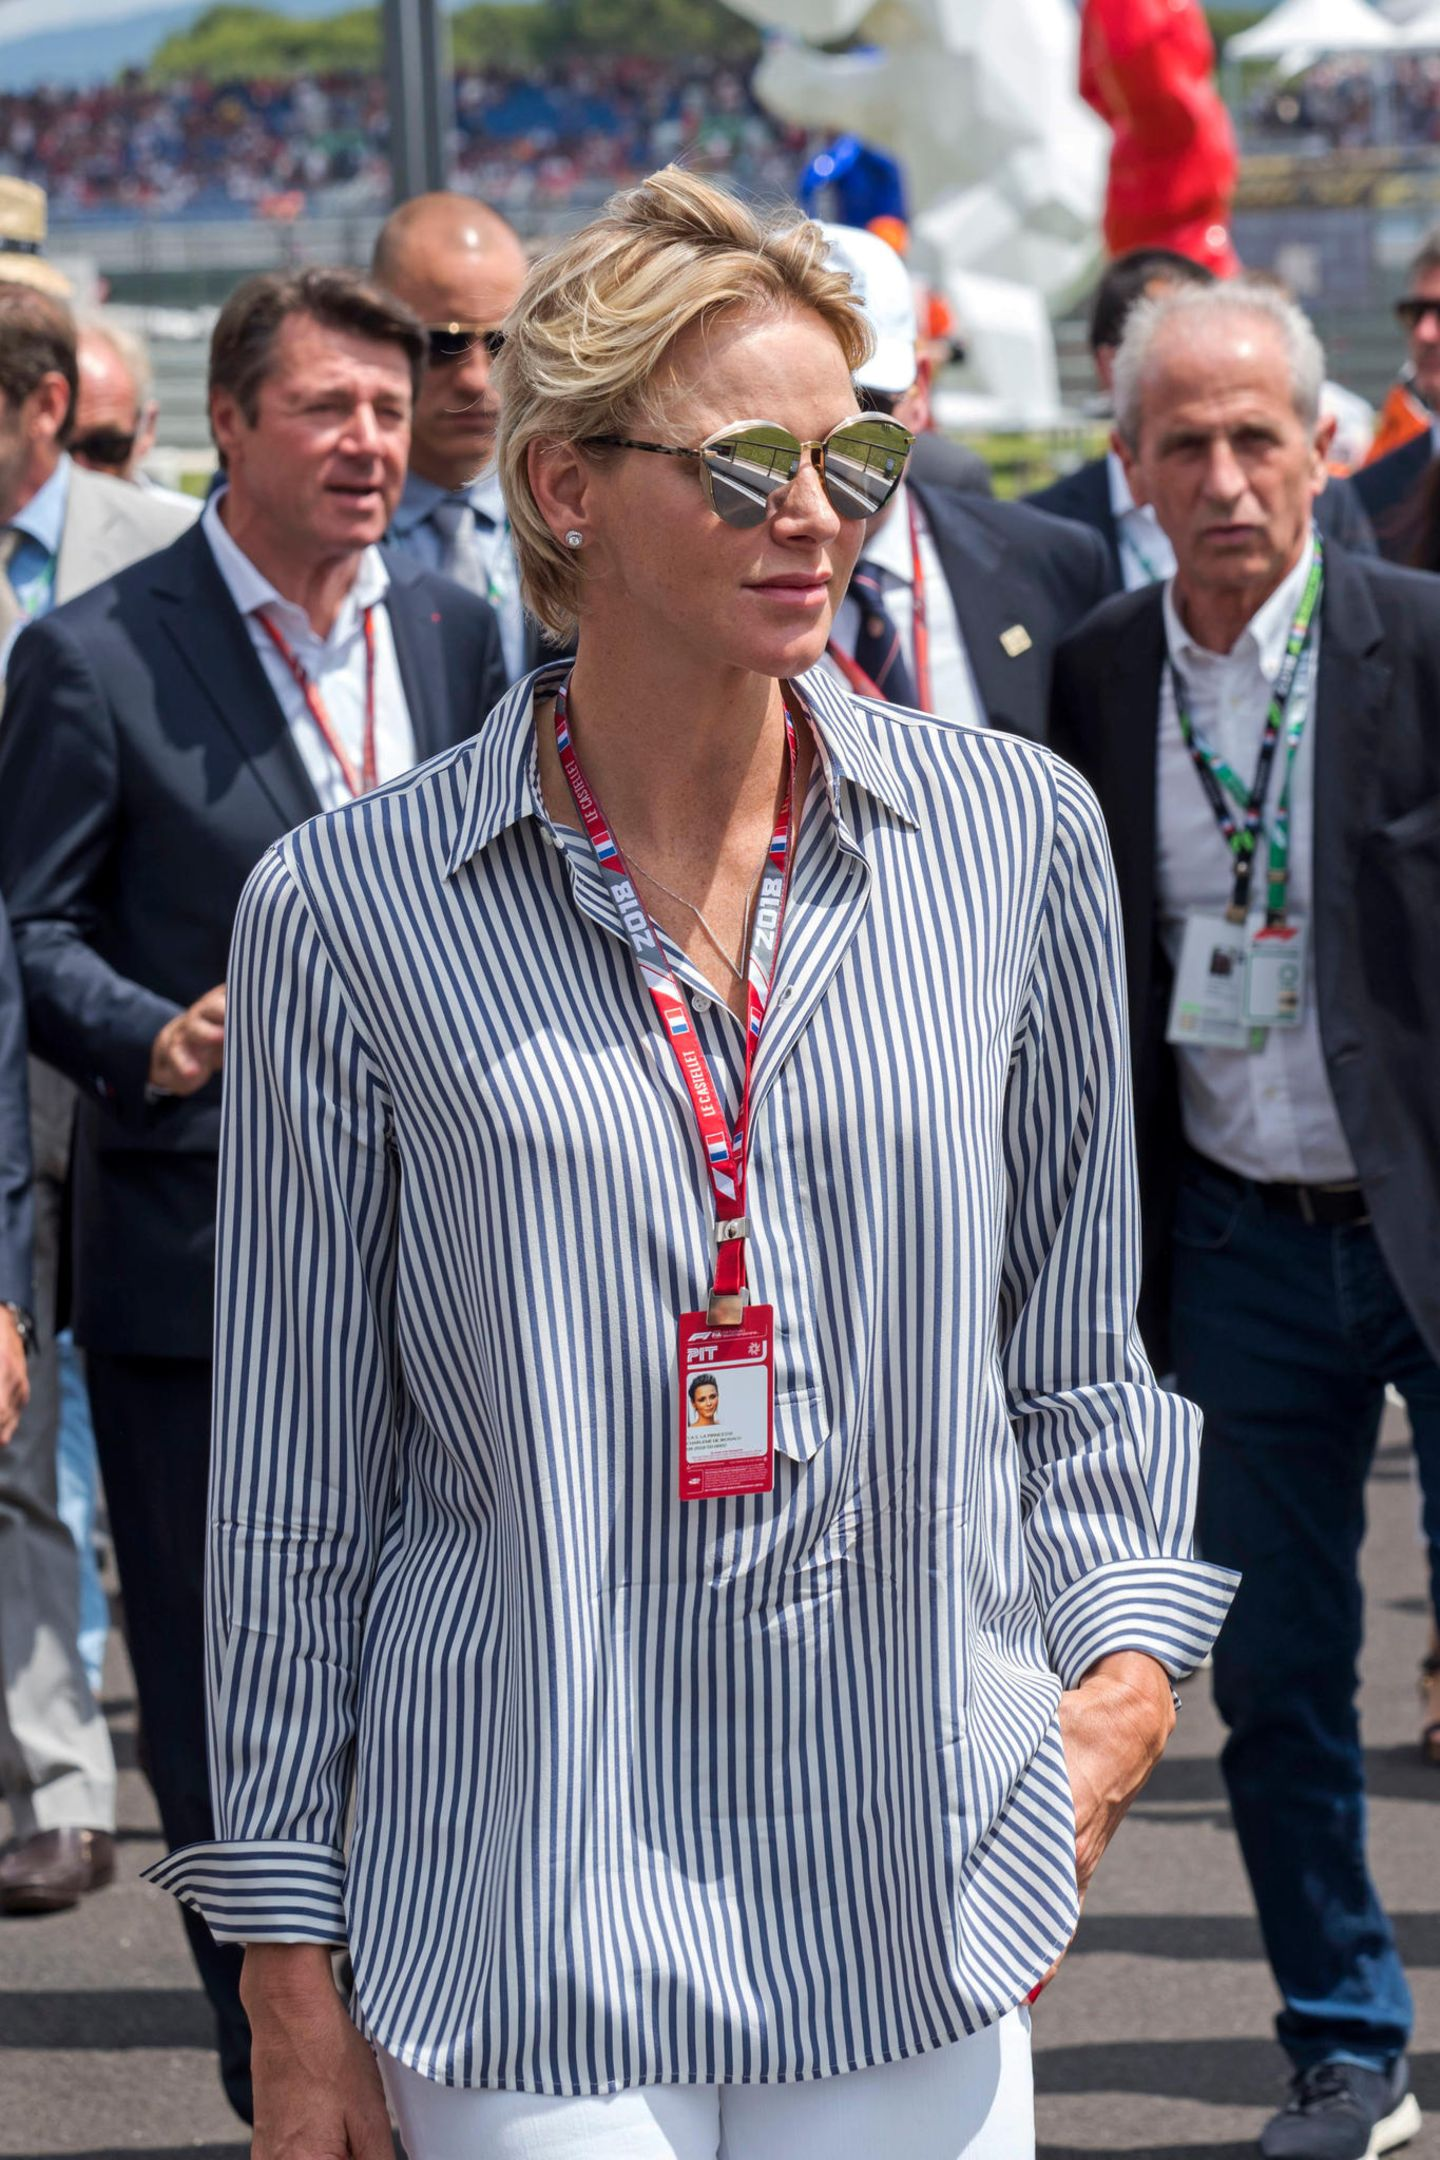 Sportlich-elegant zeigt sich Fürstin Charléne von Monaco beim Formel 1 Grand Prix vonFrankreich. Ihre Sonnenbrille und ihre Ausstrahlung machen sie zum absoluten Hingucker auf der Rennstrecke - dabei trägt sie eigentlich einen für sie eher lässigen Look ...